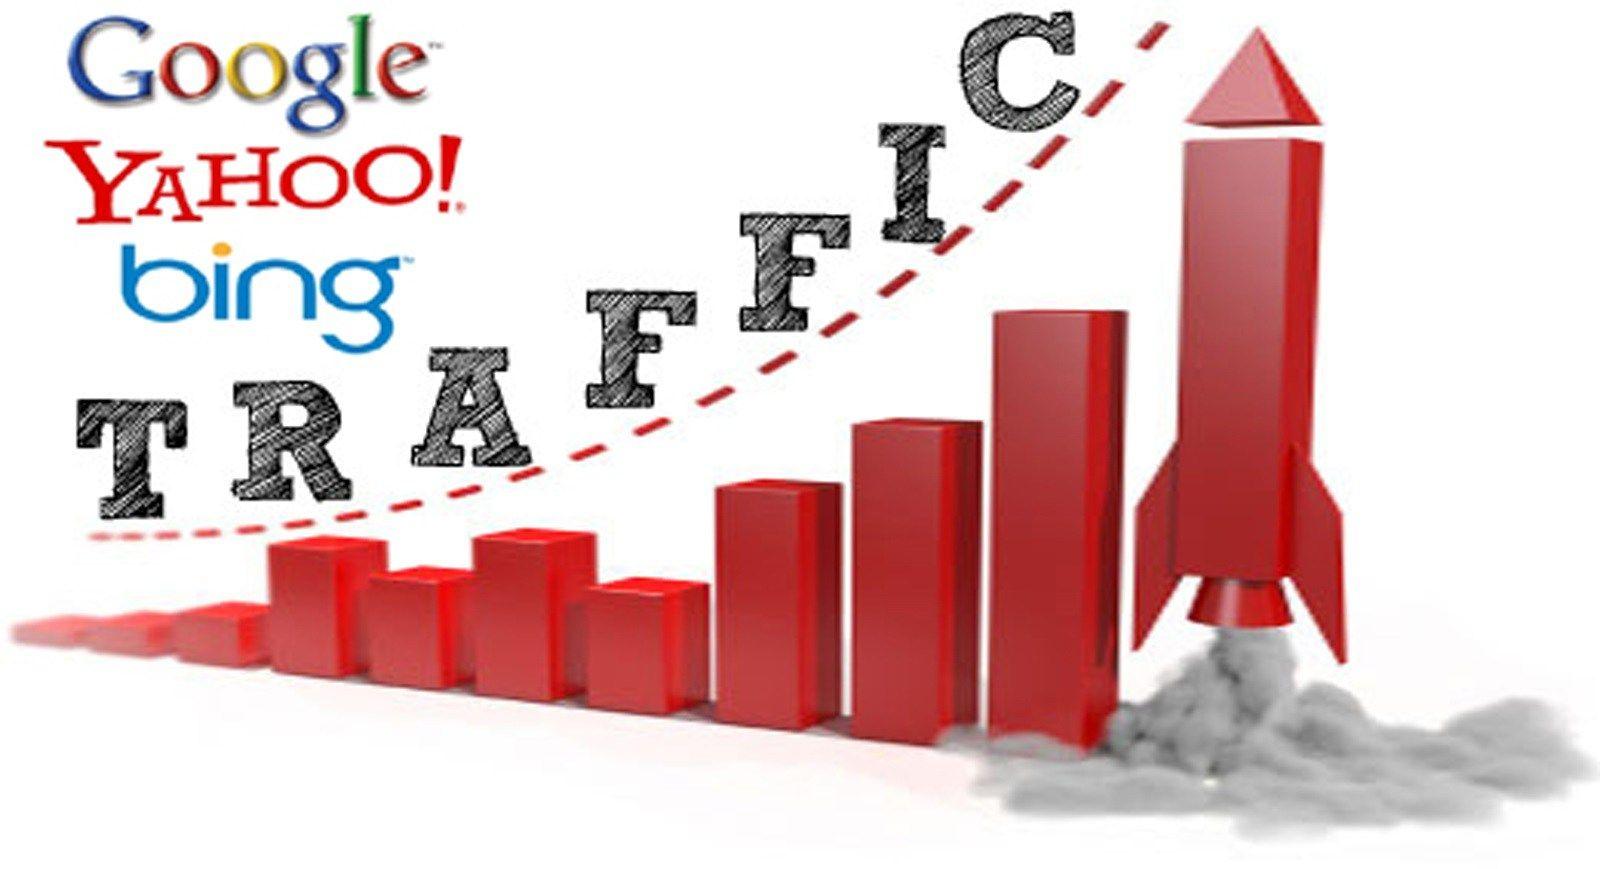 Como aumentar o tráfego orgânico do seu site